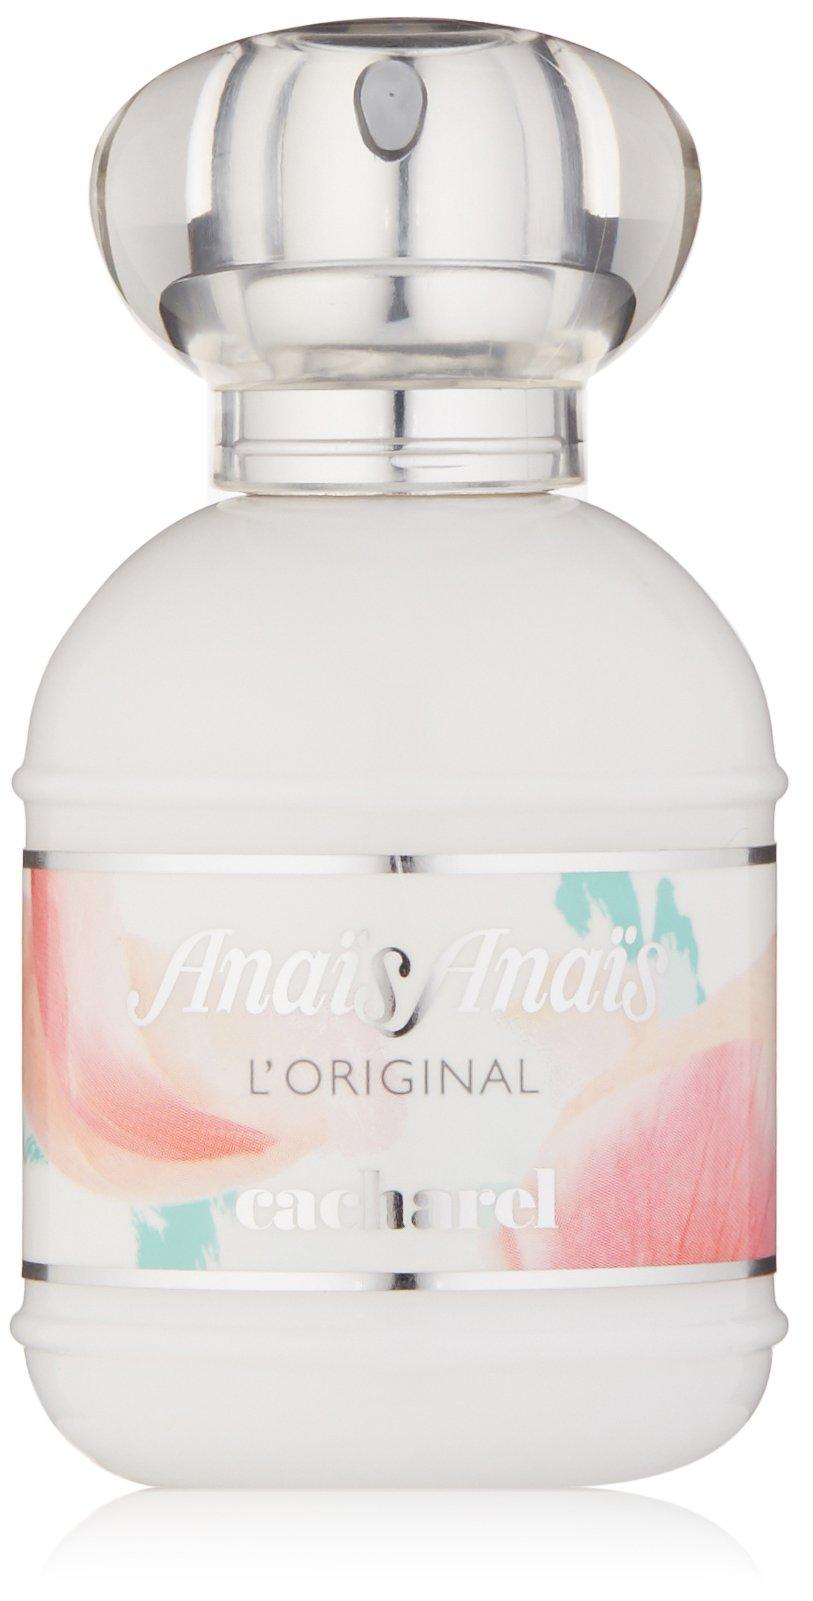 Cacharel Anais Anais Eau de Toilette Spray, 1.0 Fl Oz